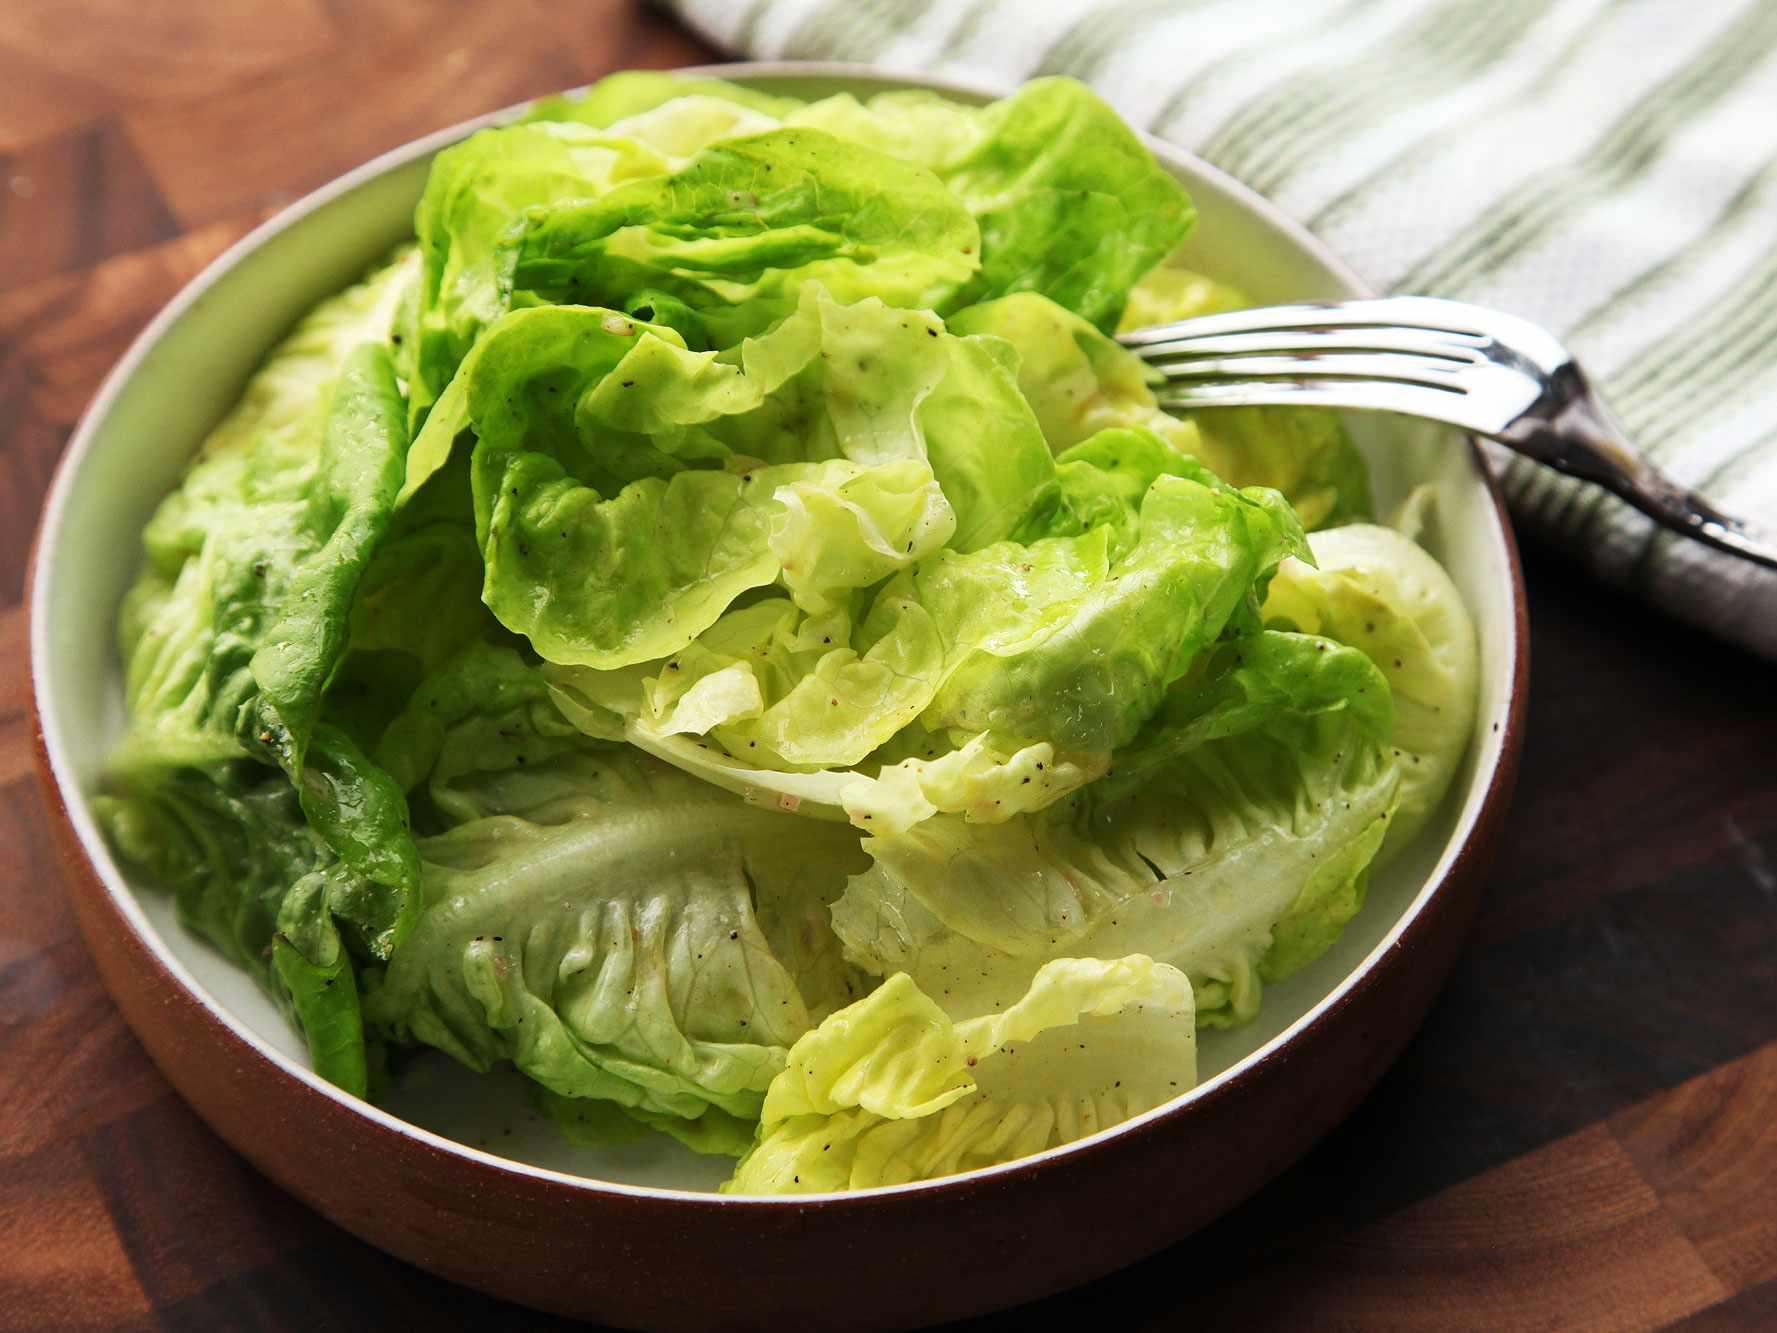 20140930-how-to-dress-a-salad-vinaigrette-17.jpg